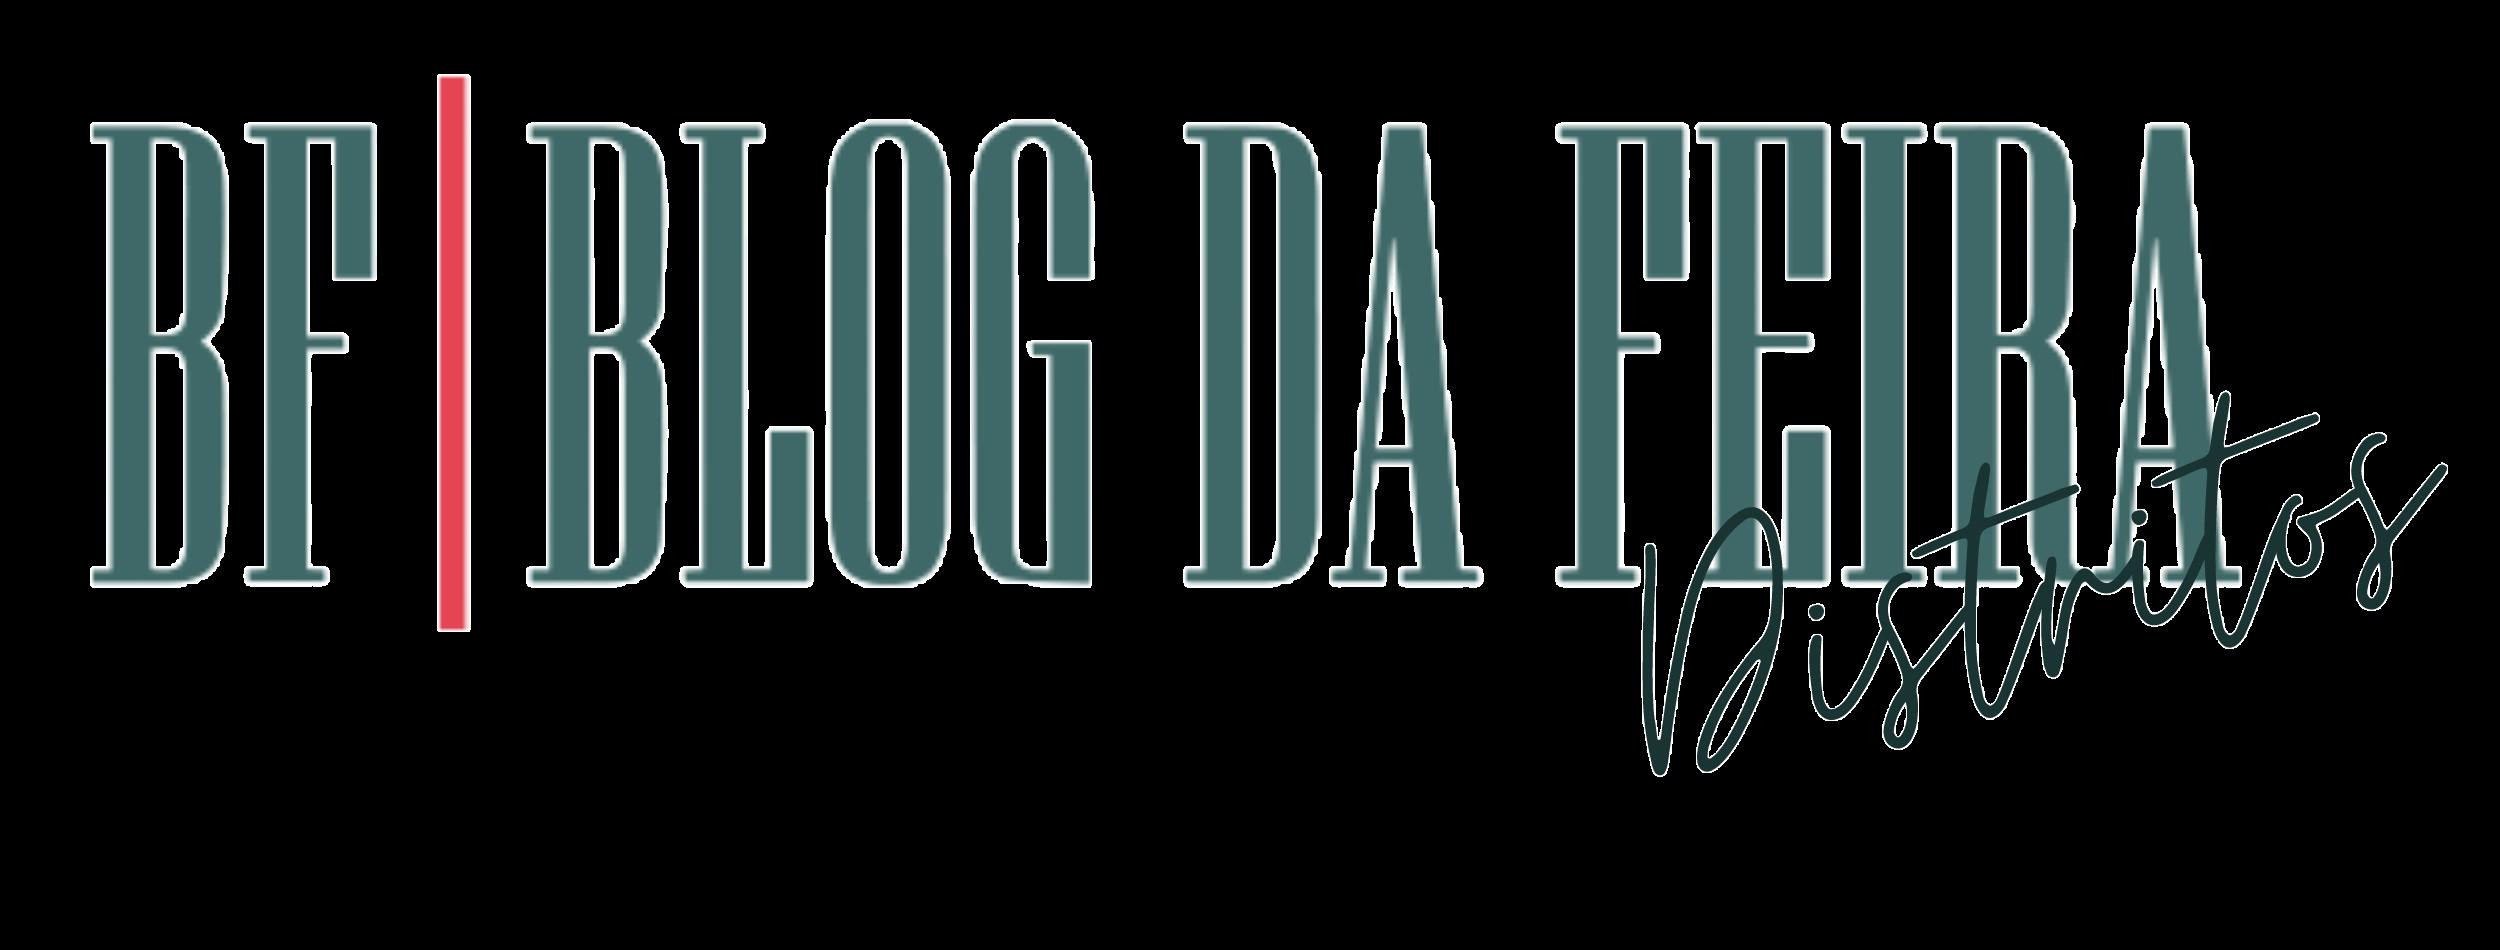 Blog da Feira Distritos